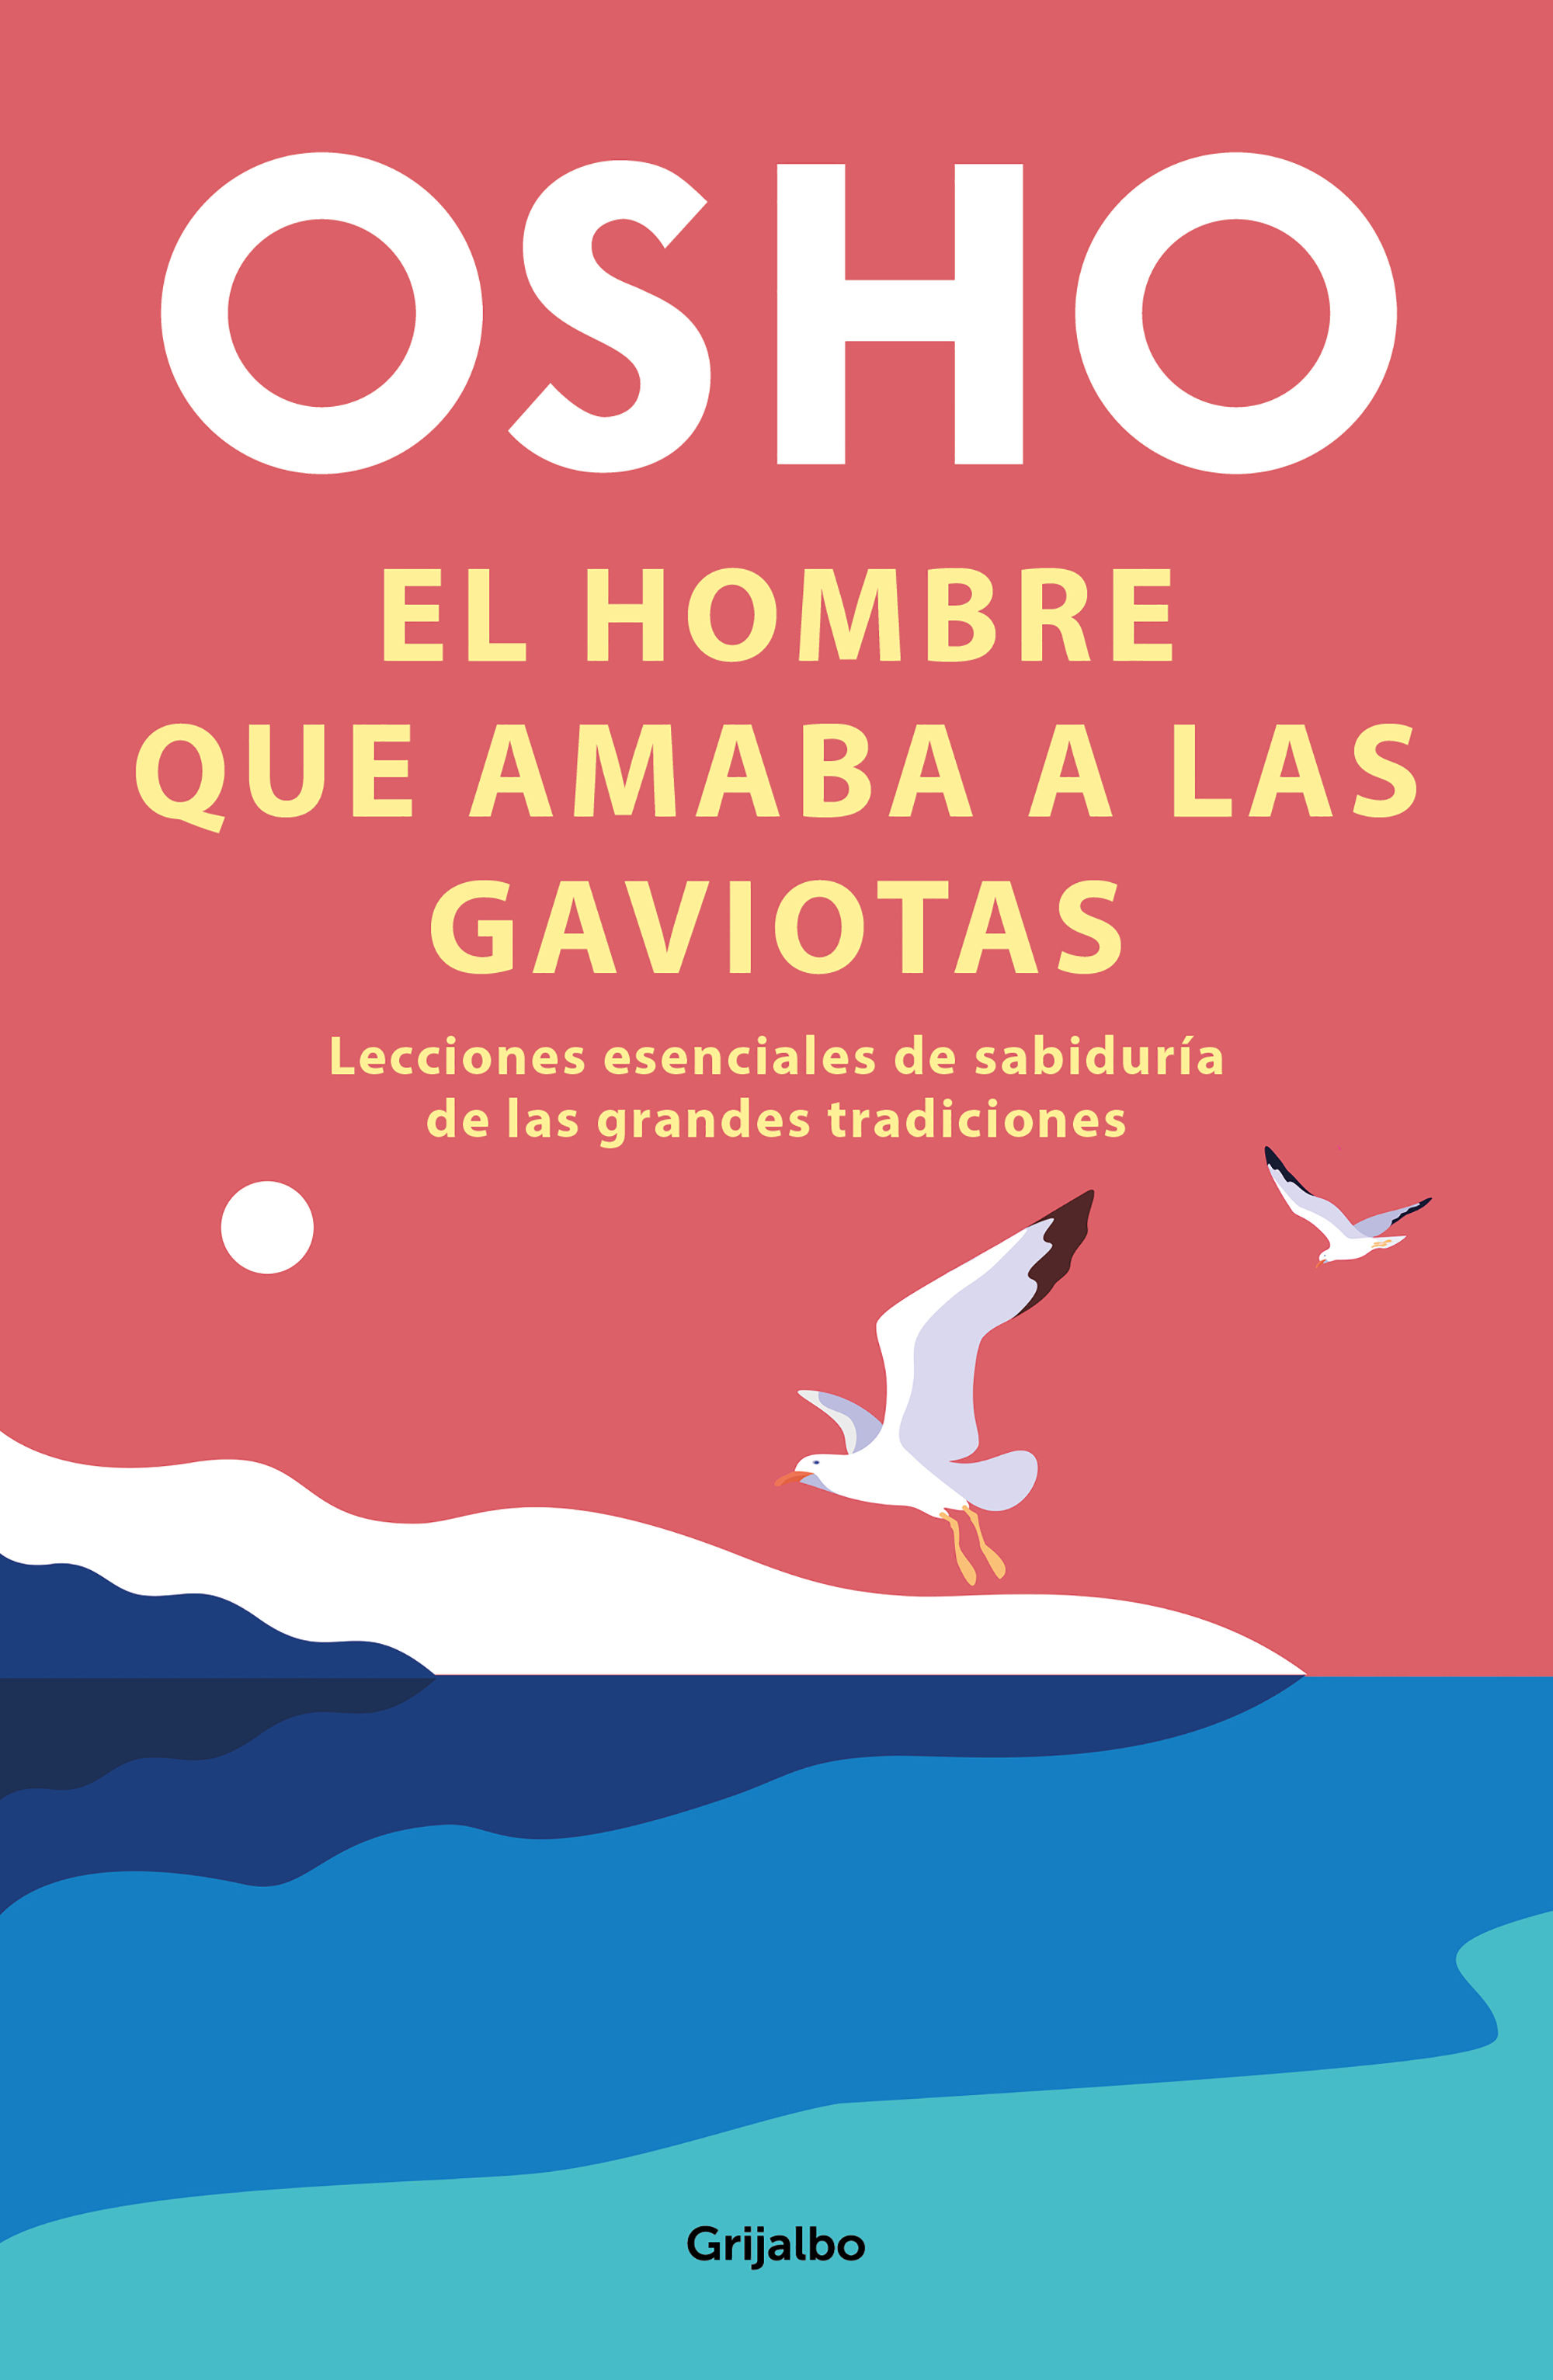 HOMBRE QUE AMABA LAS GAVIOTAS